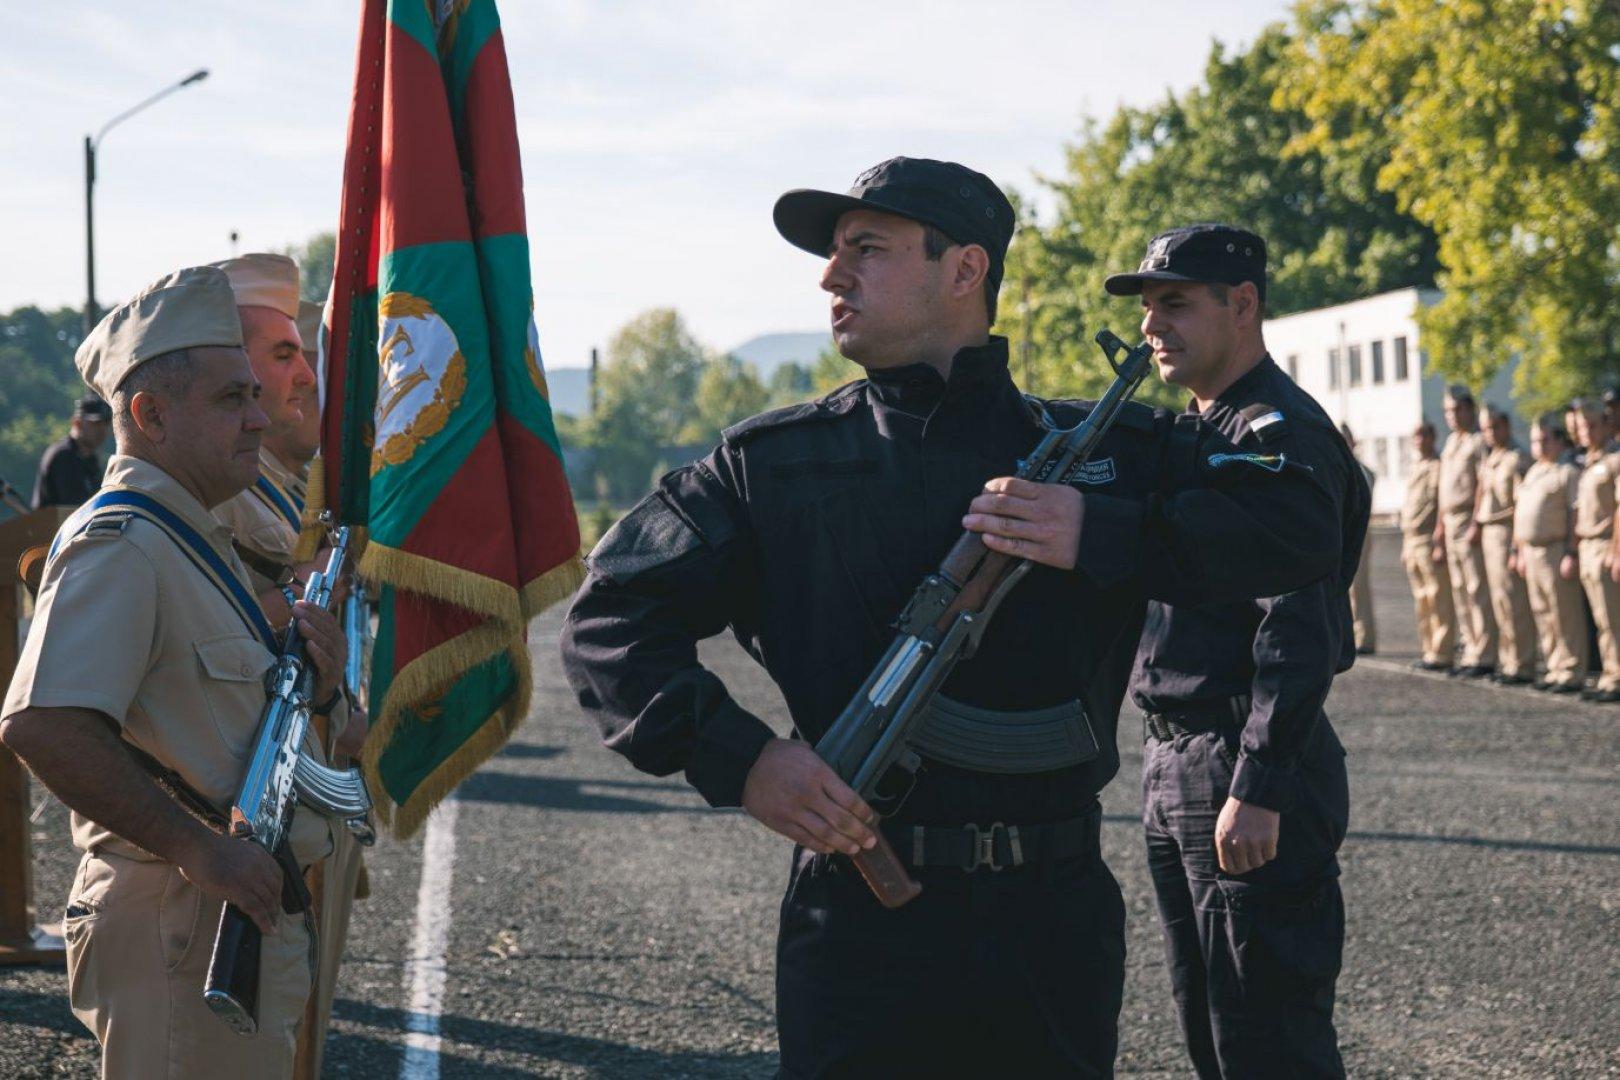 Младите матроси официално станаха част от екипажа на Военноморските сили на Република България. Снимки ВМС